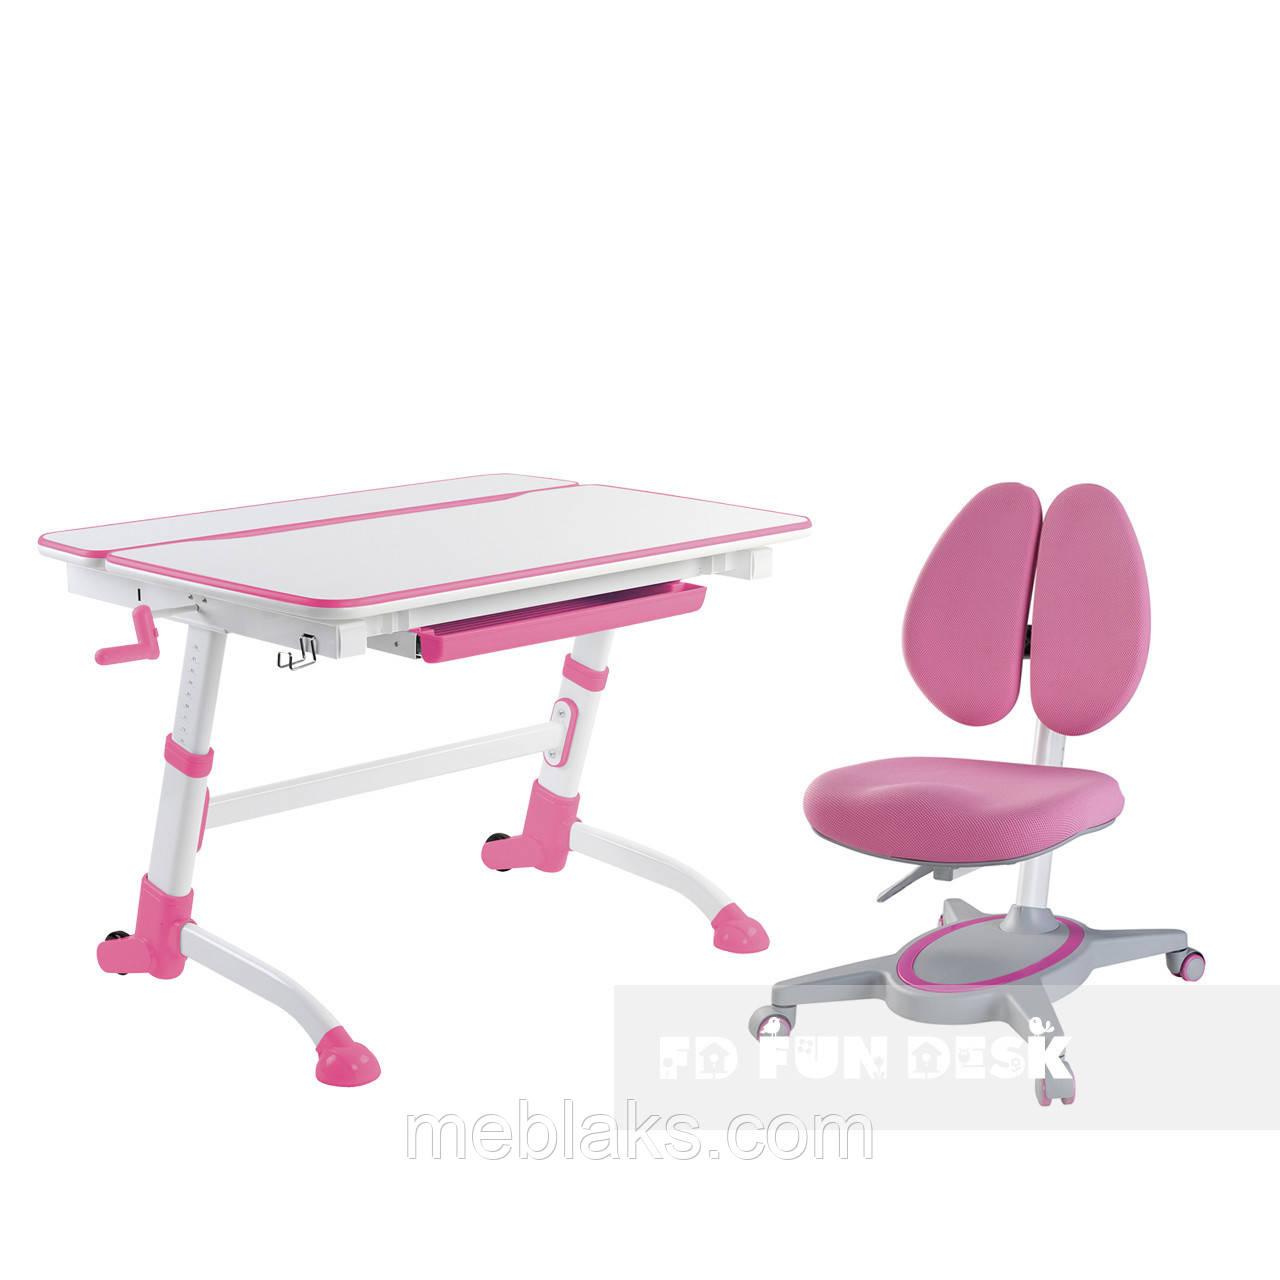 Регулируемая парта FunDesk Volare Pink + Детское ортопедическое кресло Primavera II Pink